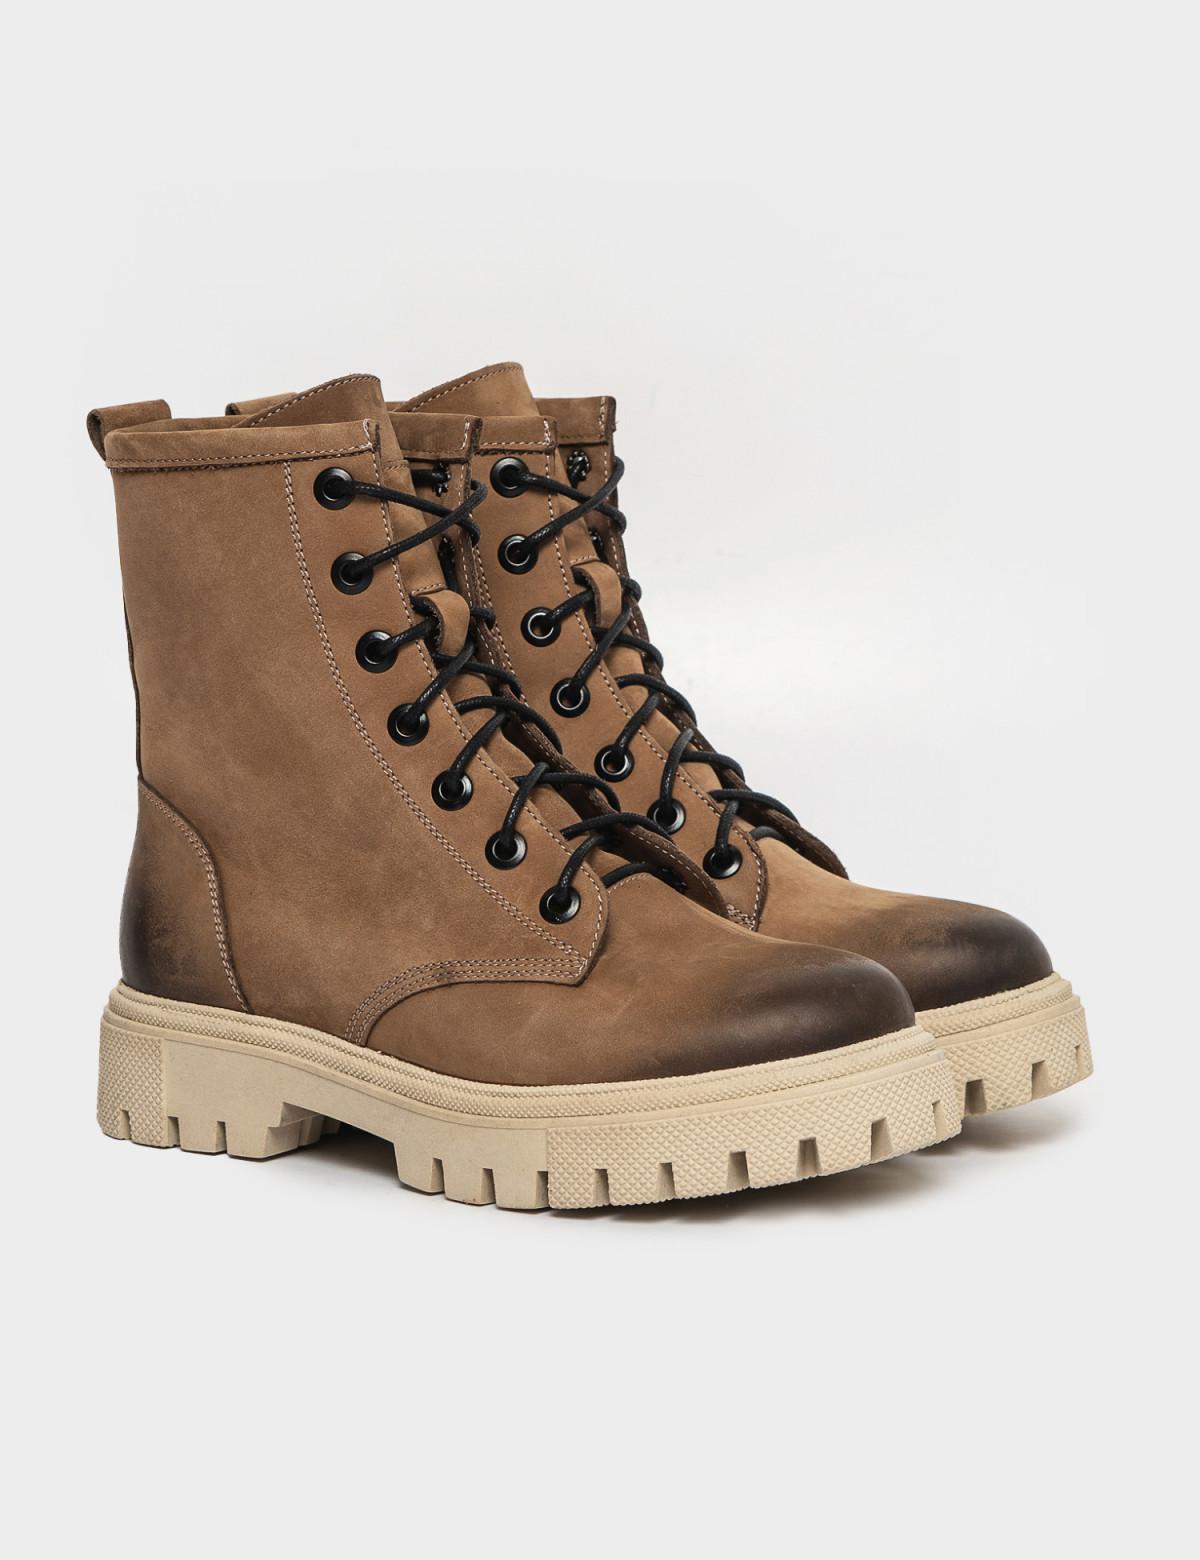 Ботинки бежевые. Натуральный нубук. Байка1